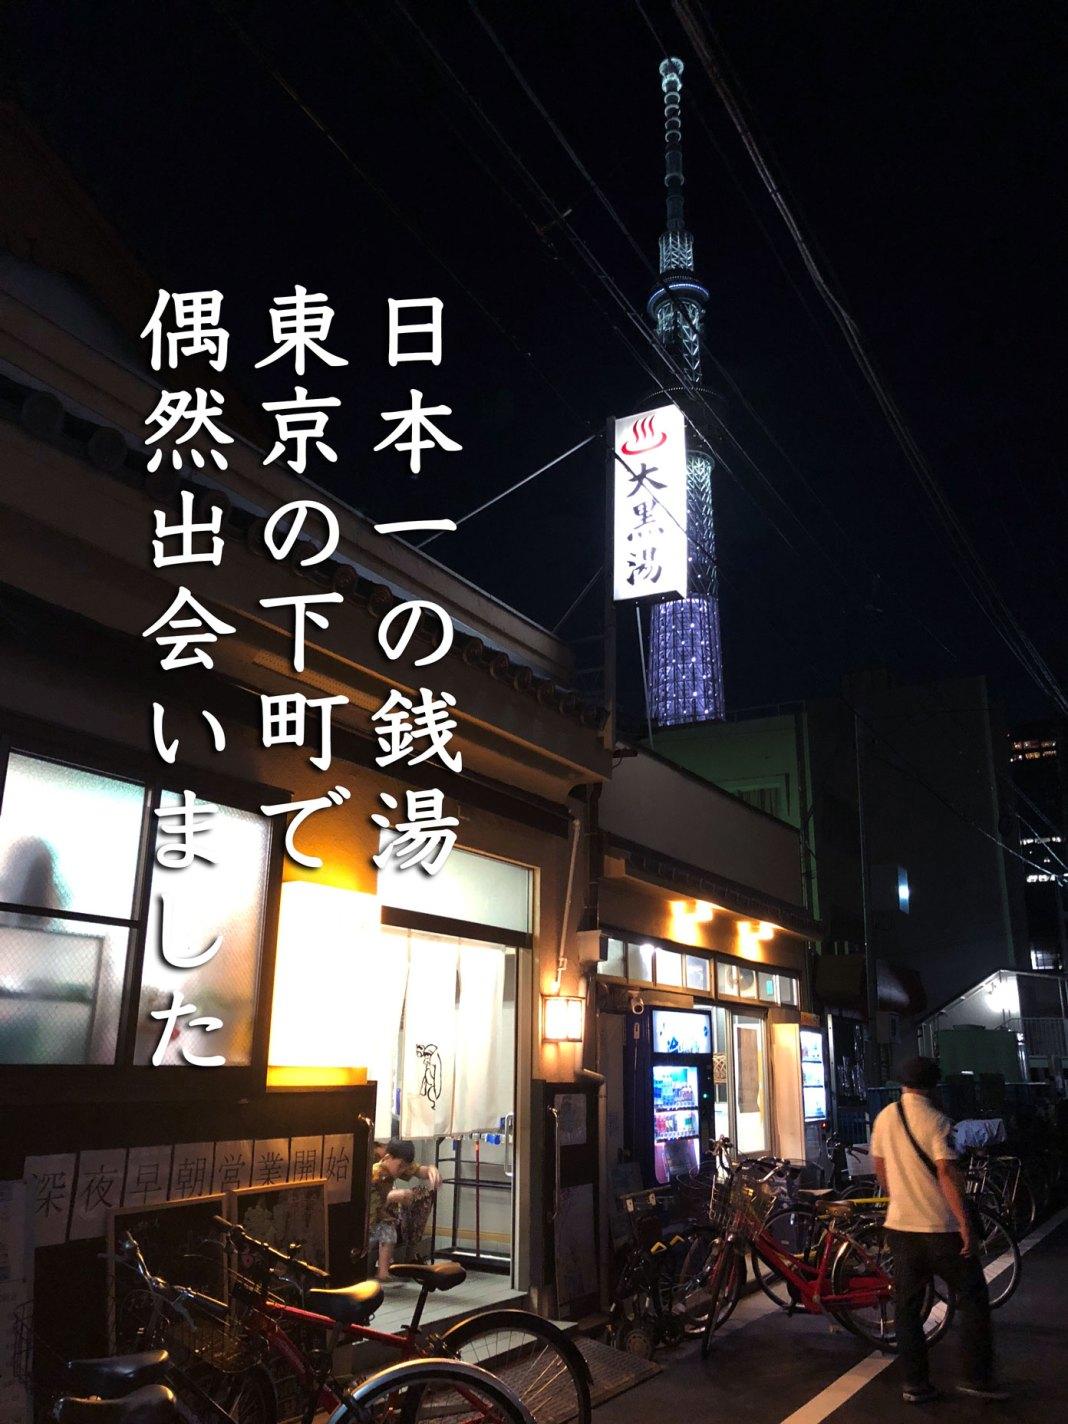 押上温泉 大黒湯の外観とコメント。日本一の銭湯に東京の下町で偶然出会いました